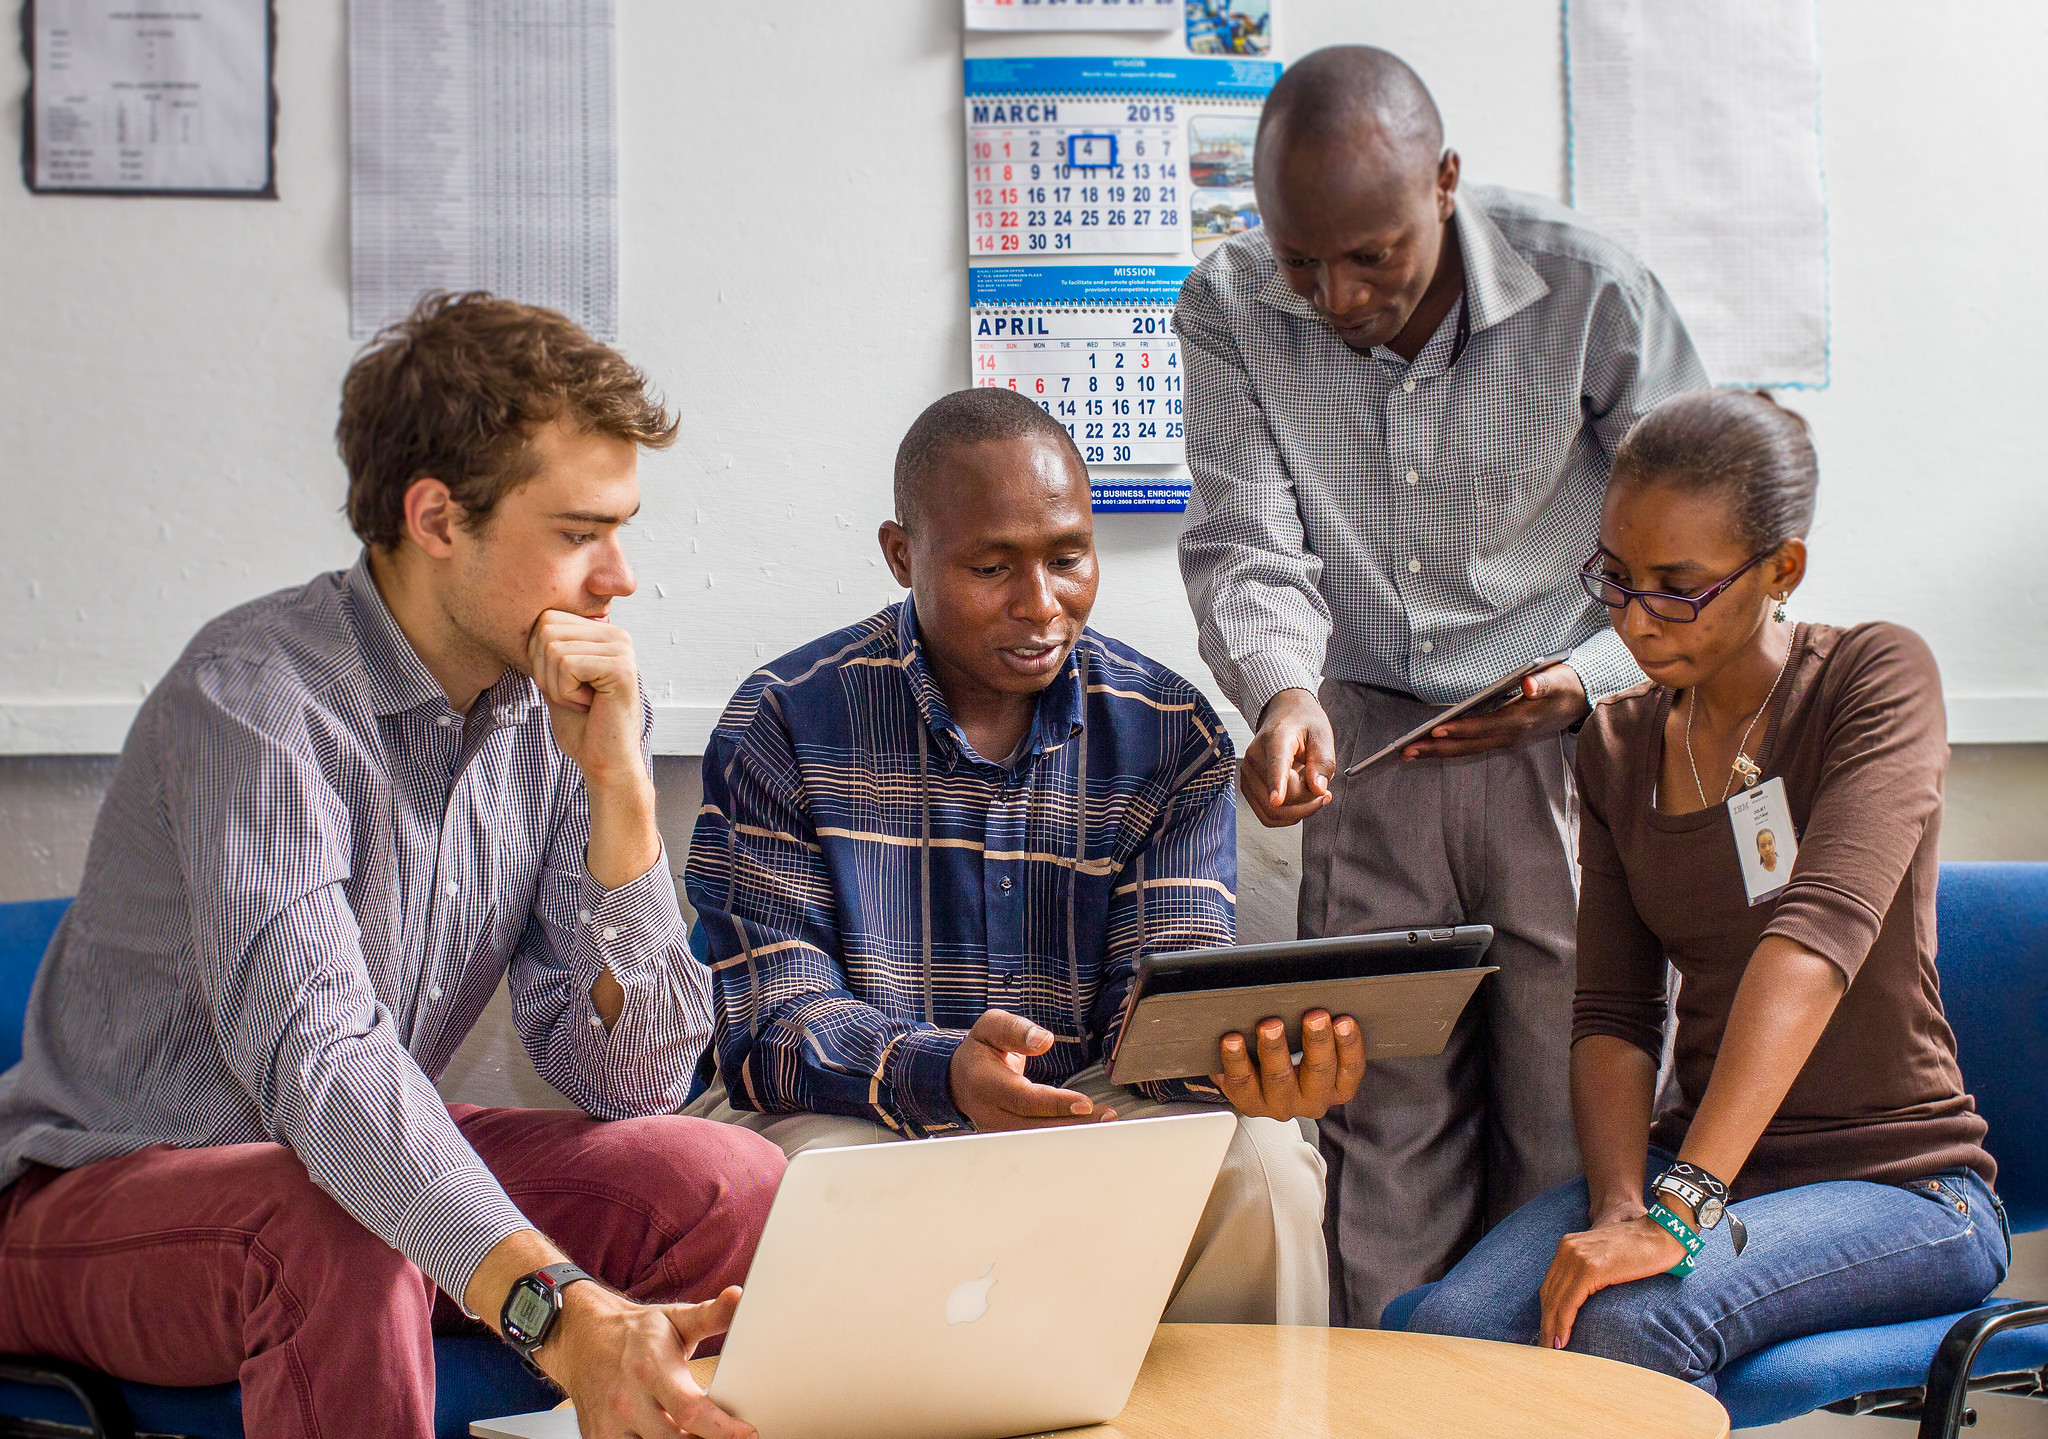 Los investigadores discuten un proyecto sobre educación personalizada en Nairobi.